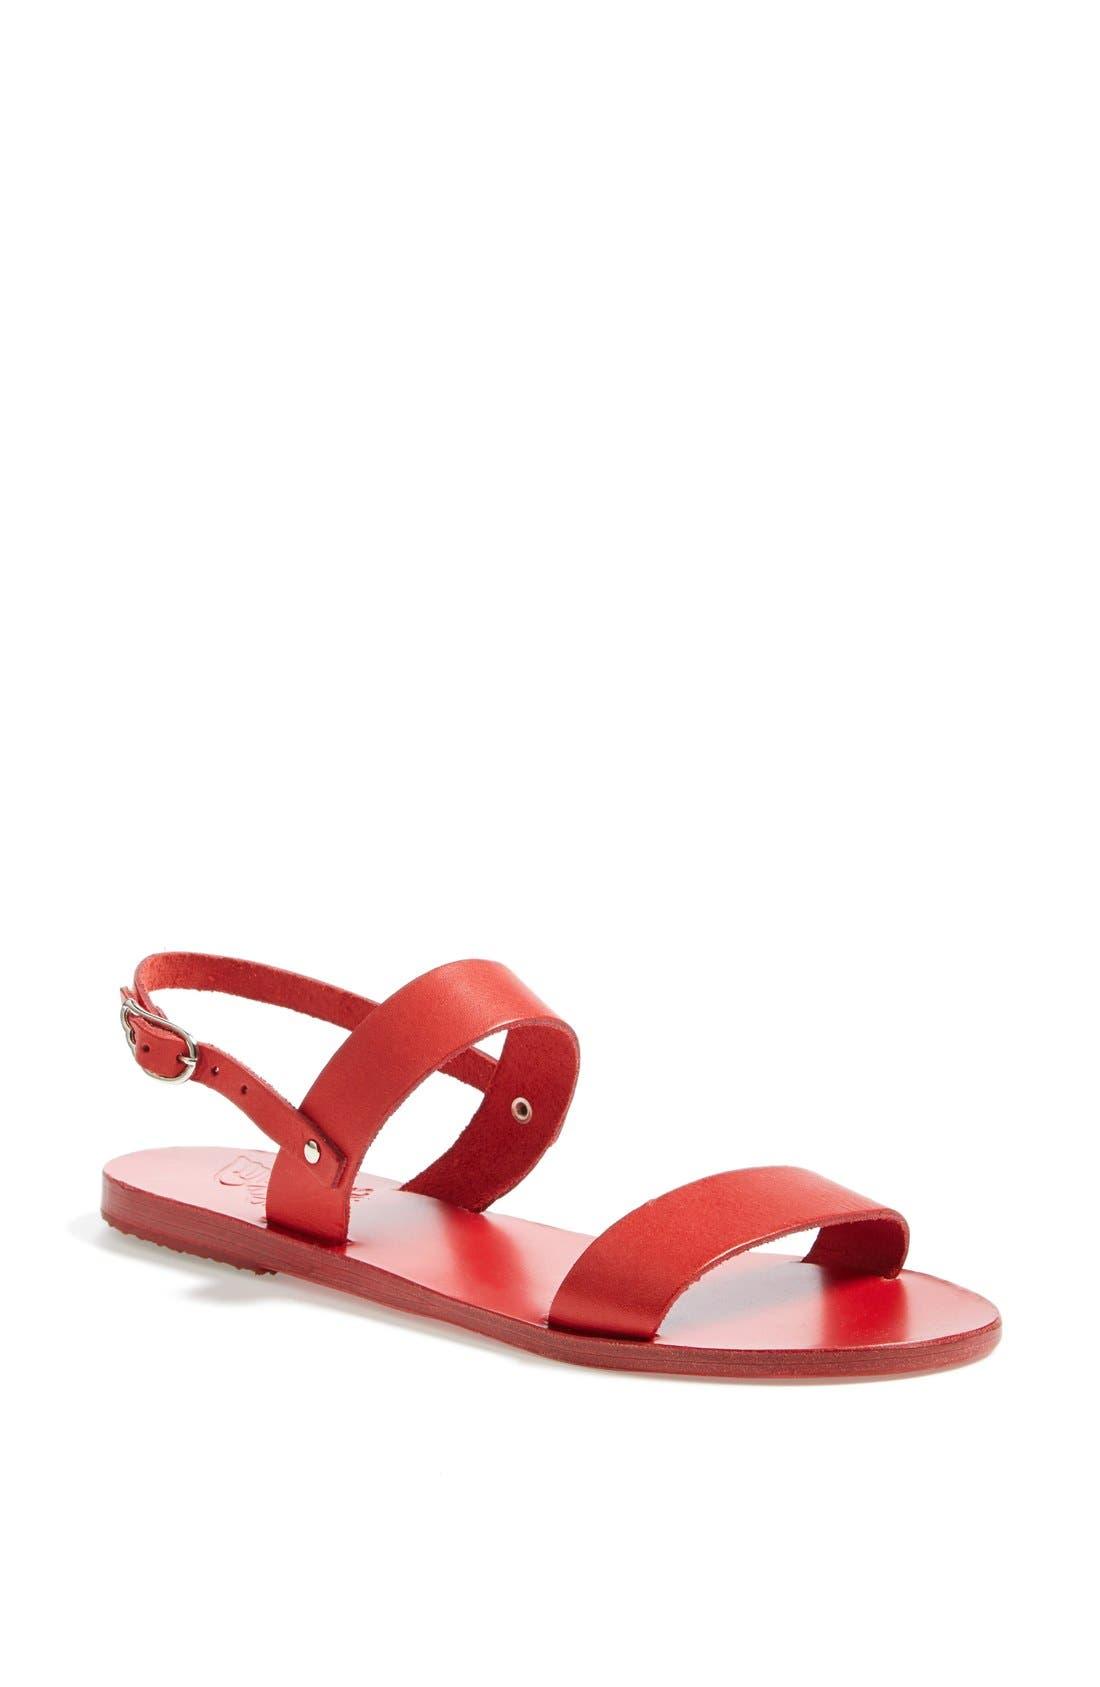 Main Image - Ancient Greek Sandals 'Clio' Sandal